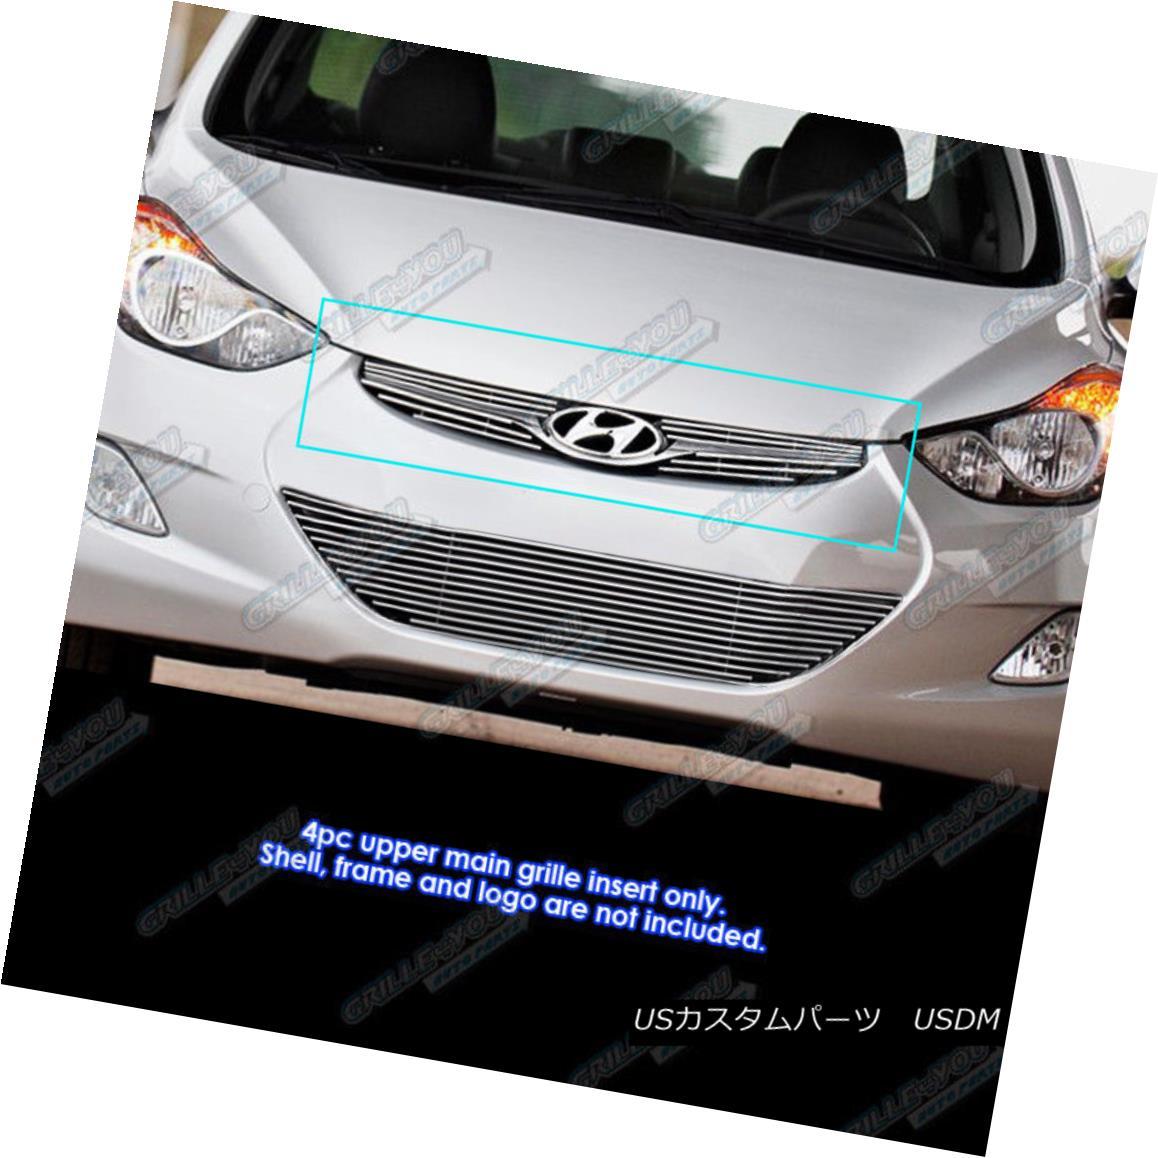 グリル Fits 2012-2016 Hyundai Elantra Sedan Main Upper Billet Grille Insert Hyundai Elantra Sedanメインアッパービレットグリルインサート